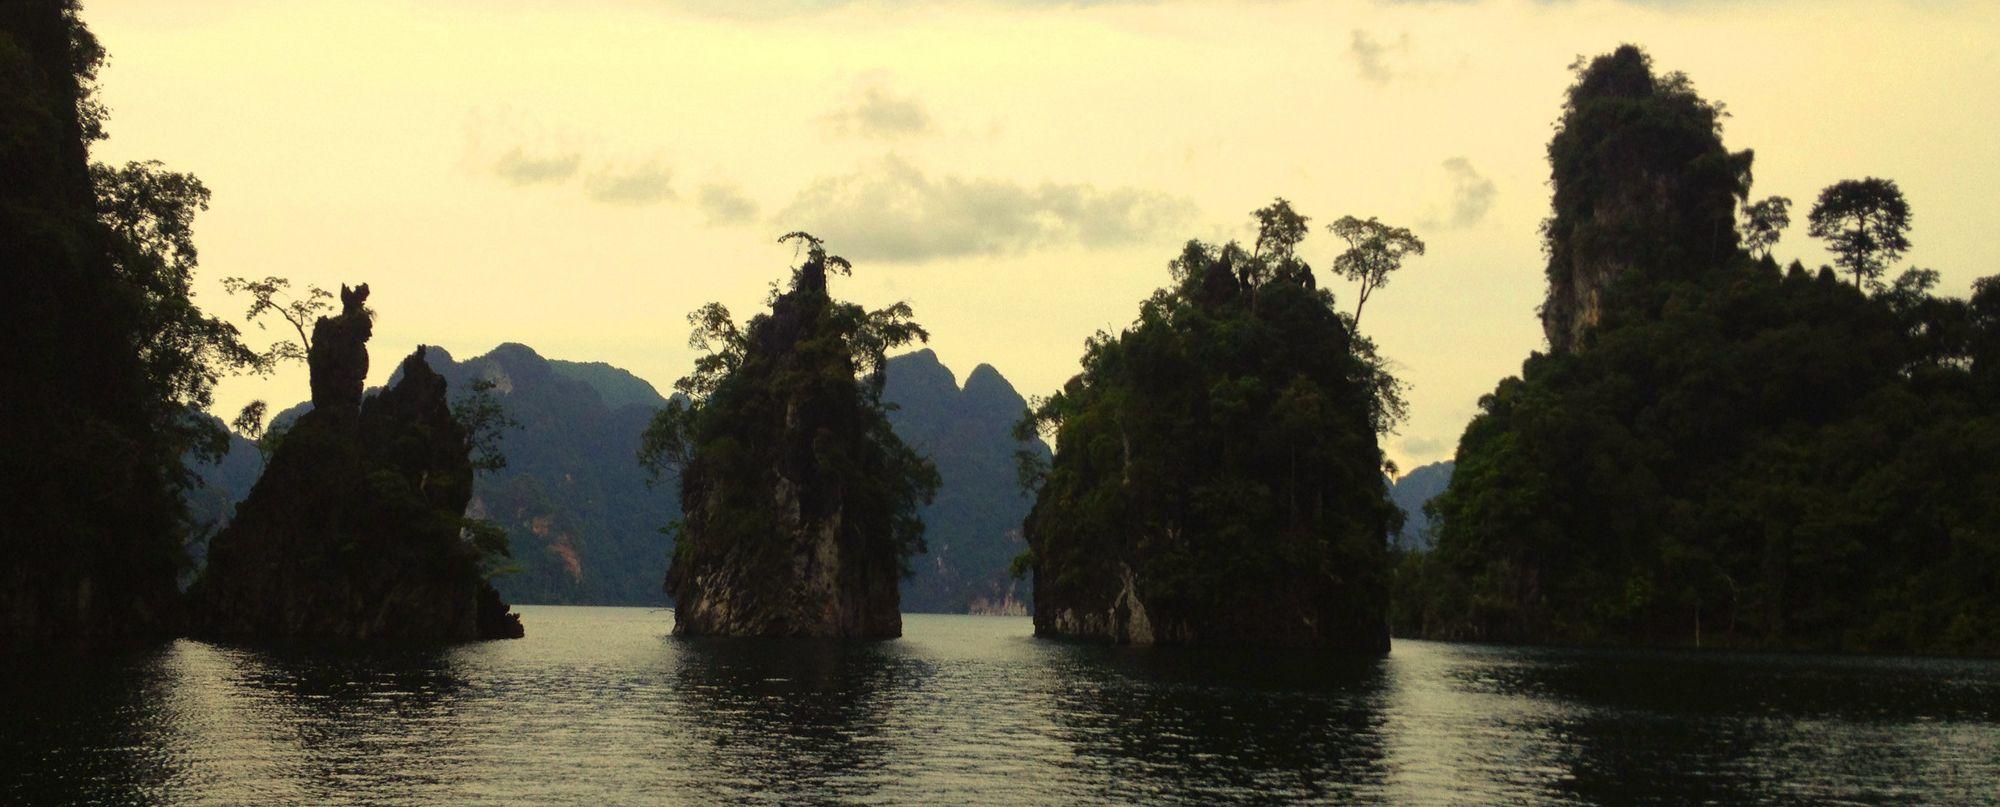 Tailandia -  Bangkok, Safari en Kao Sok y playas de Krabi o isla de Yao Noi - Salidas de MAR a DIC